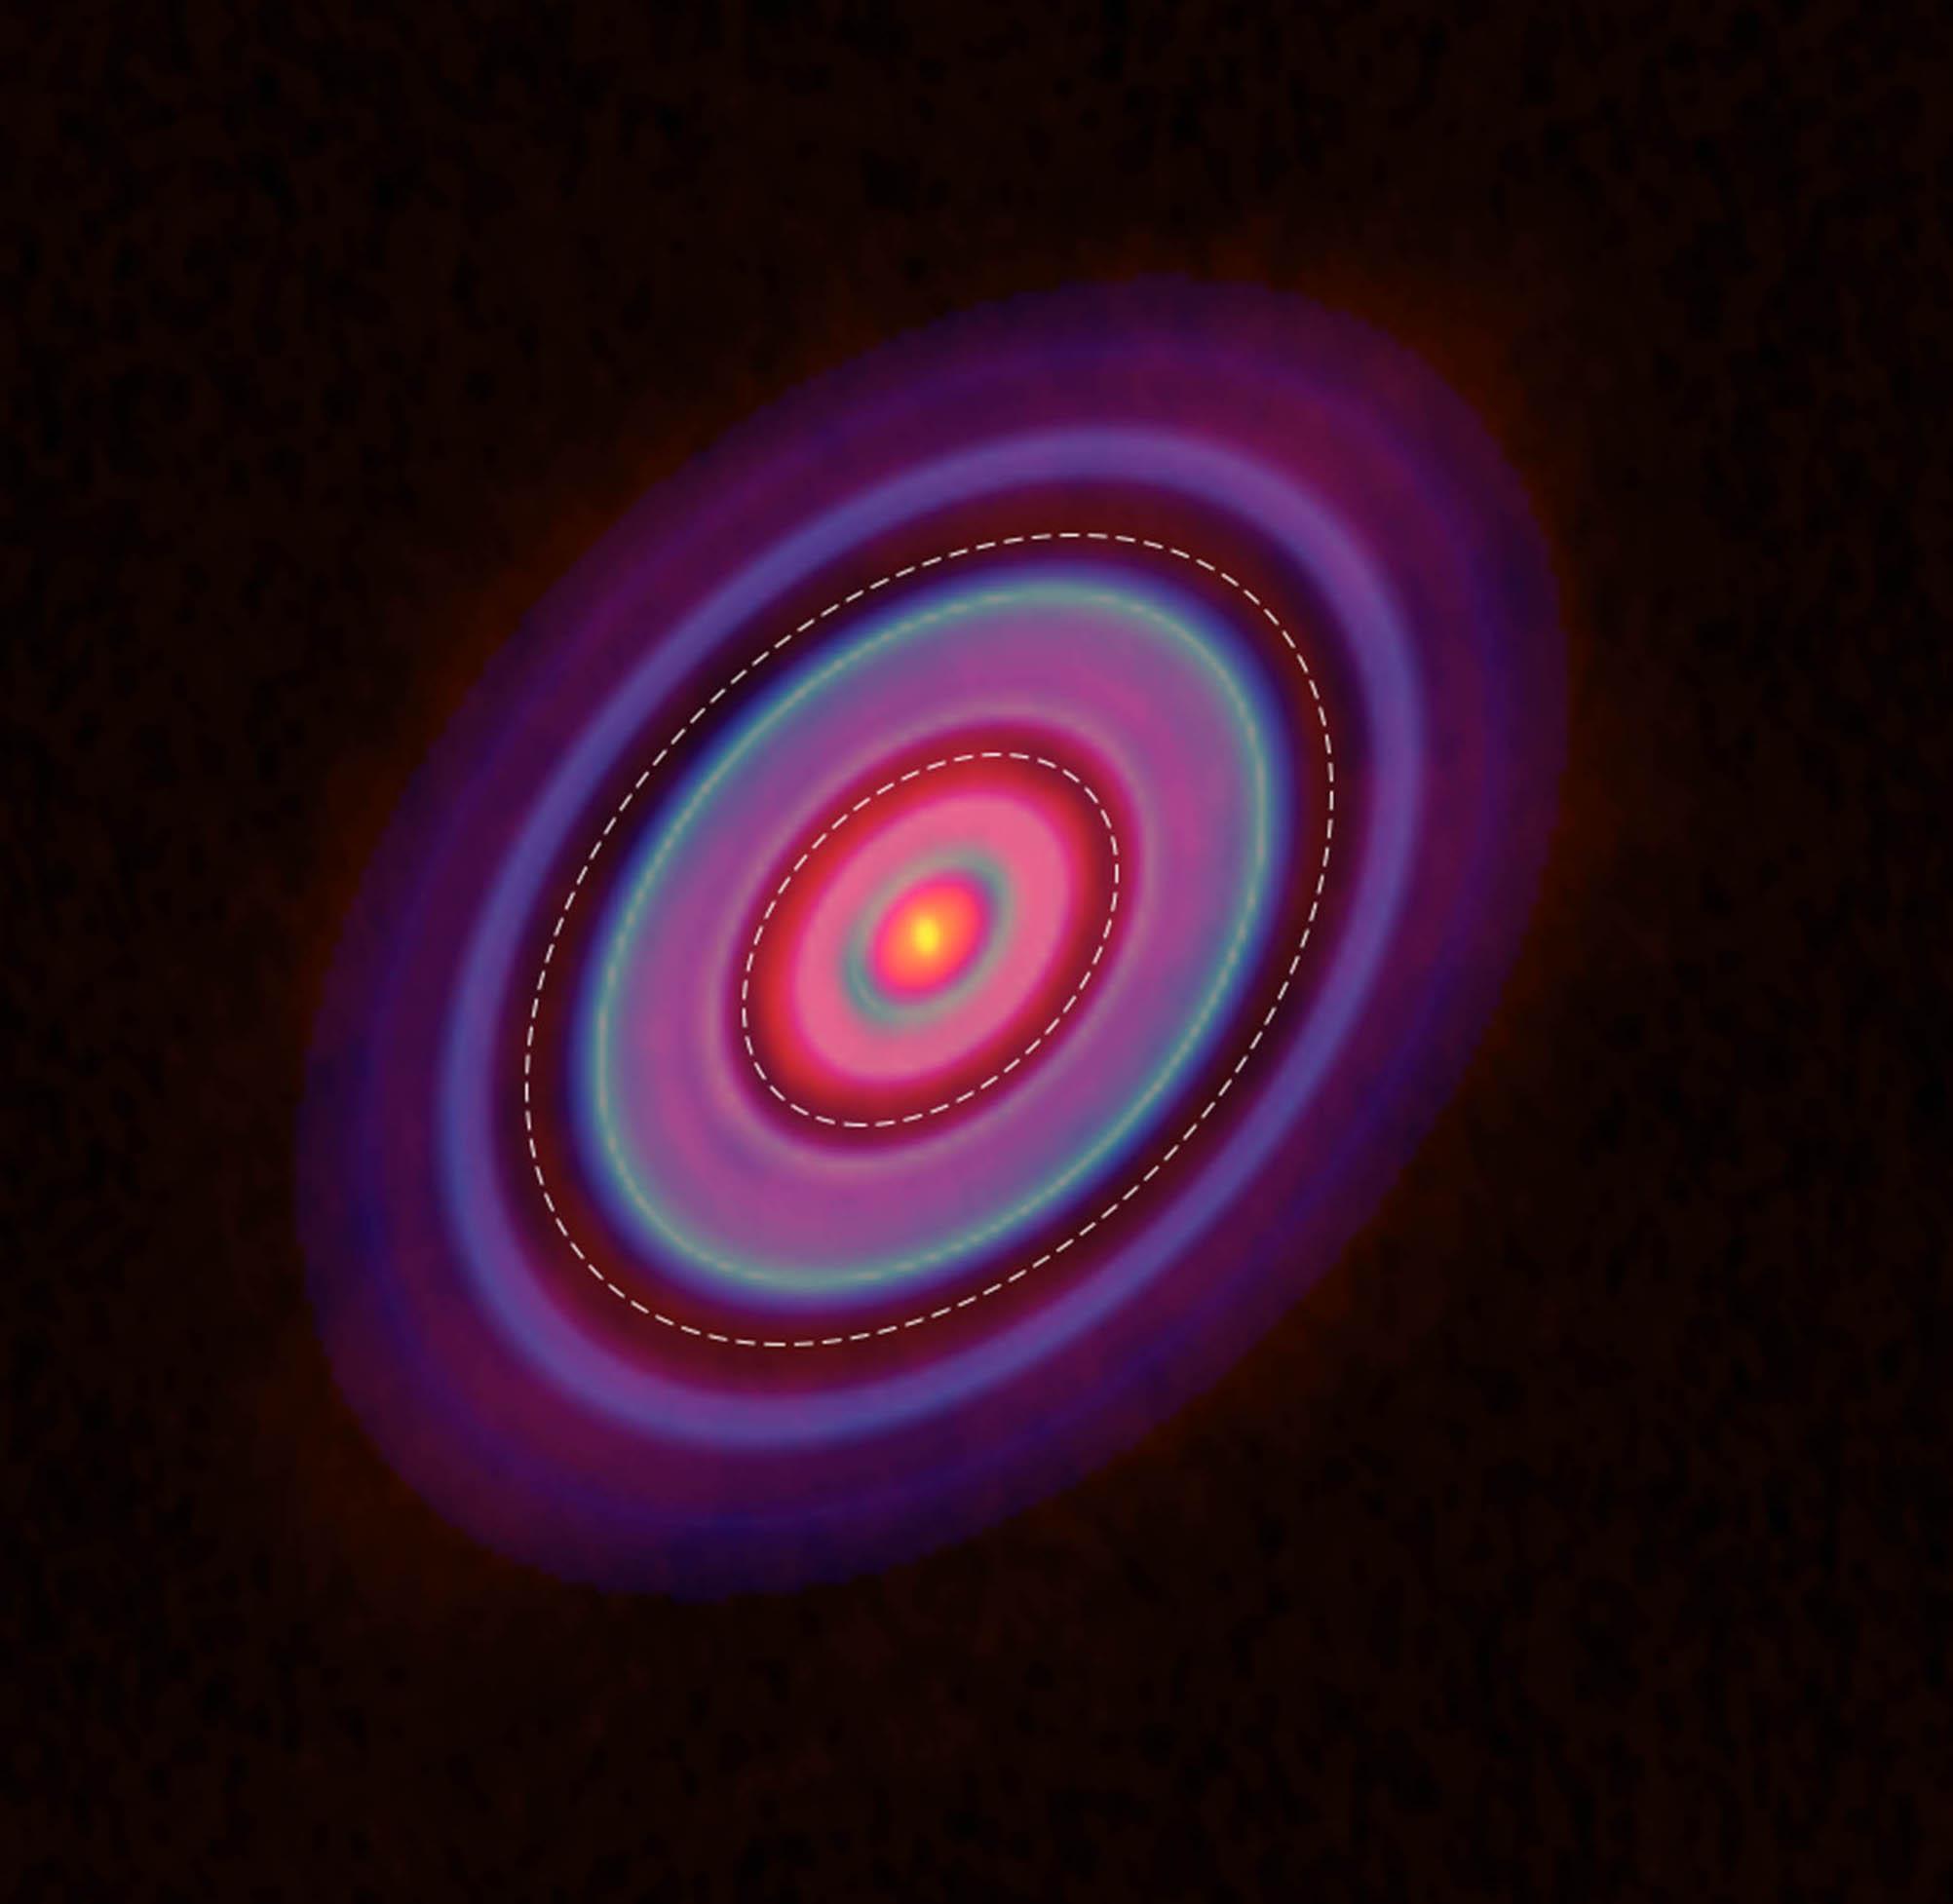 這張照片是拍攝分子譜線,得到金牛座 HL 原行星盤的氣體分布,同樣有環與間隙。圖│ ALMA (ESO/NAOJ/NRAO), Yen et al.